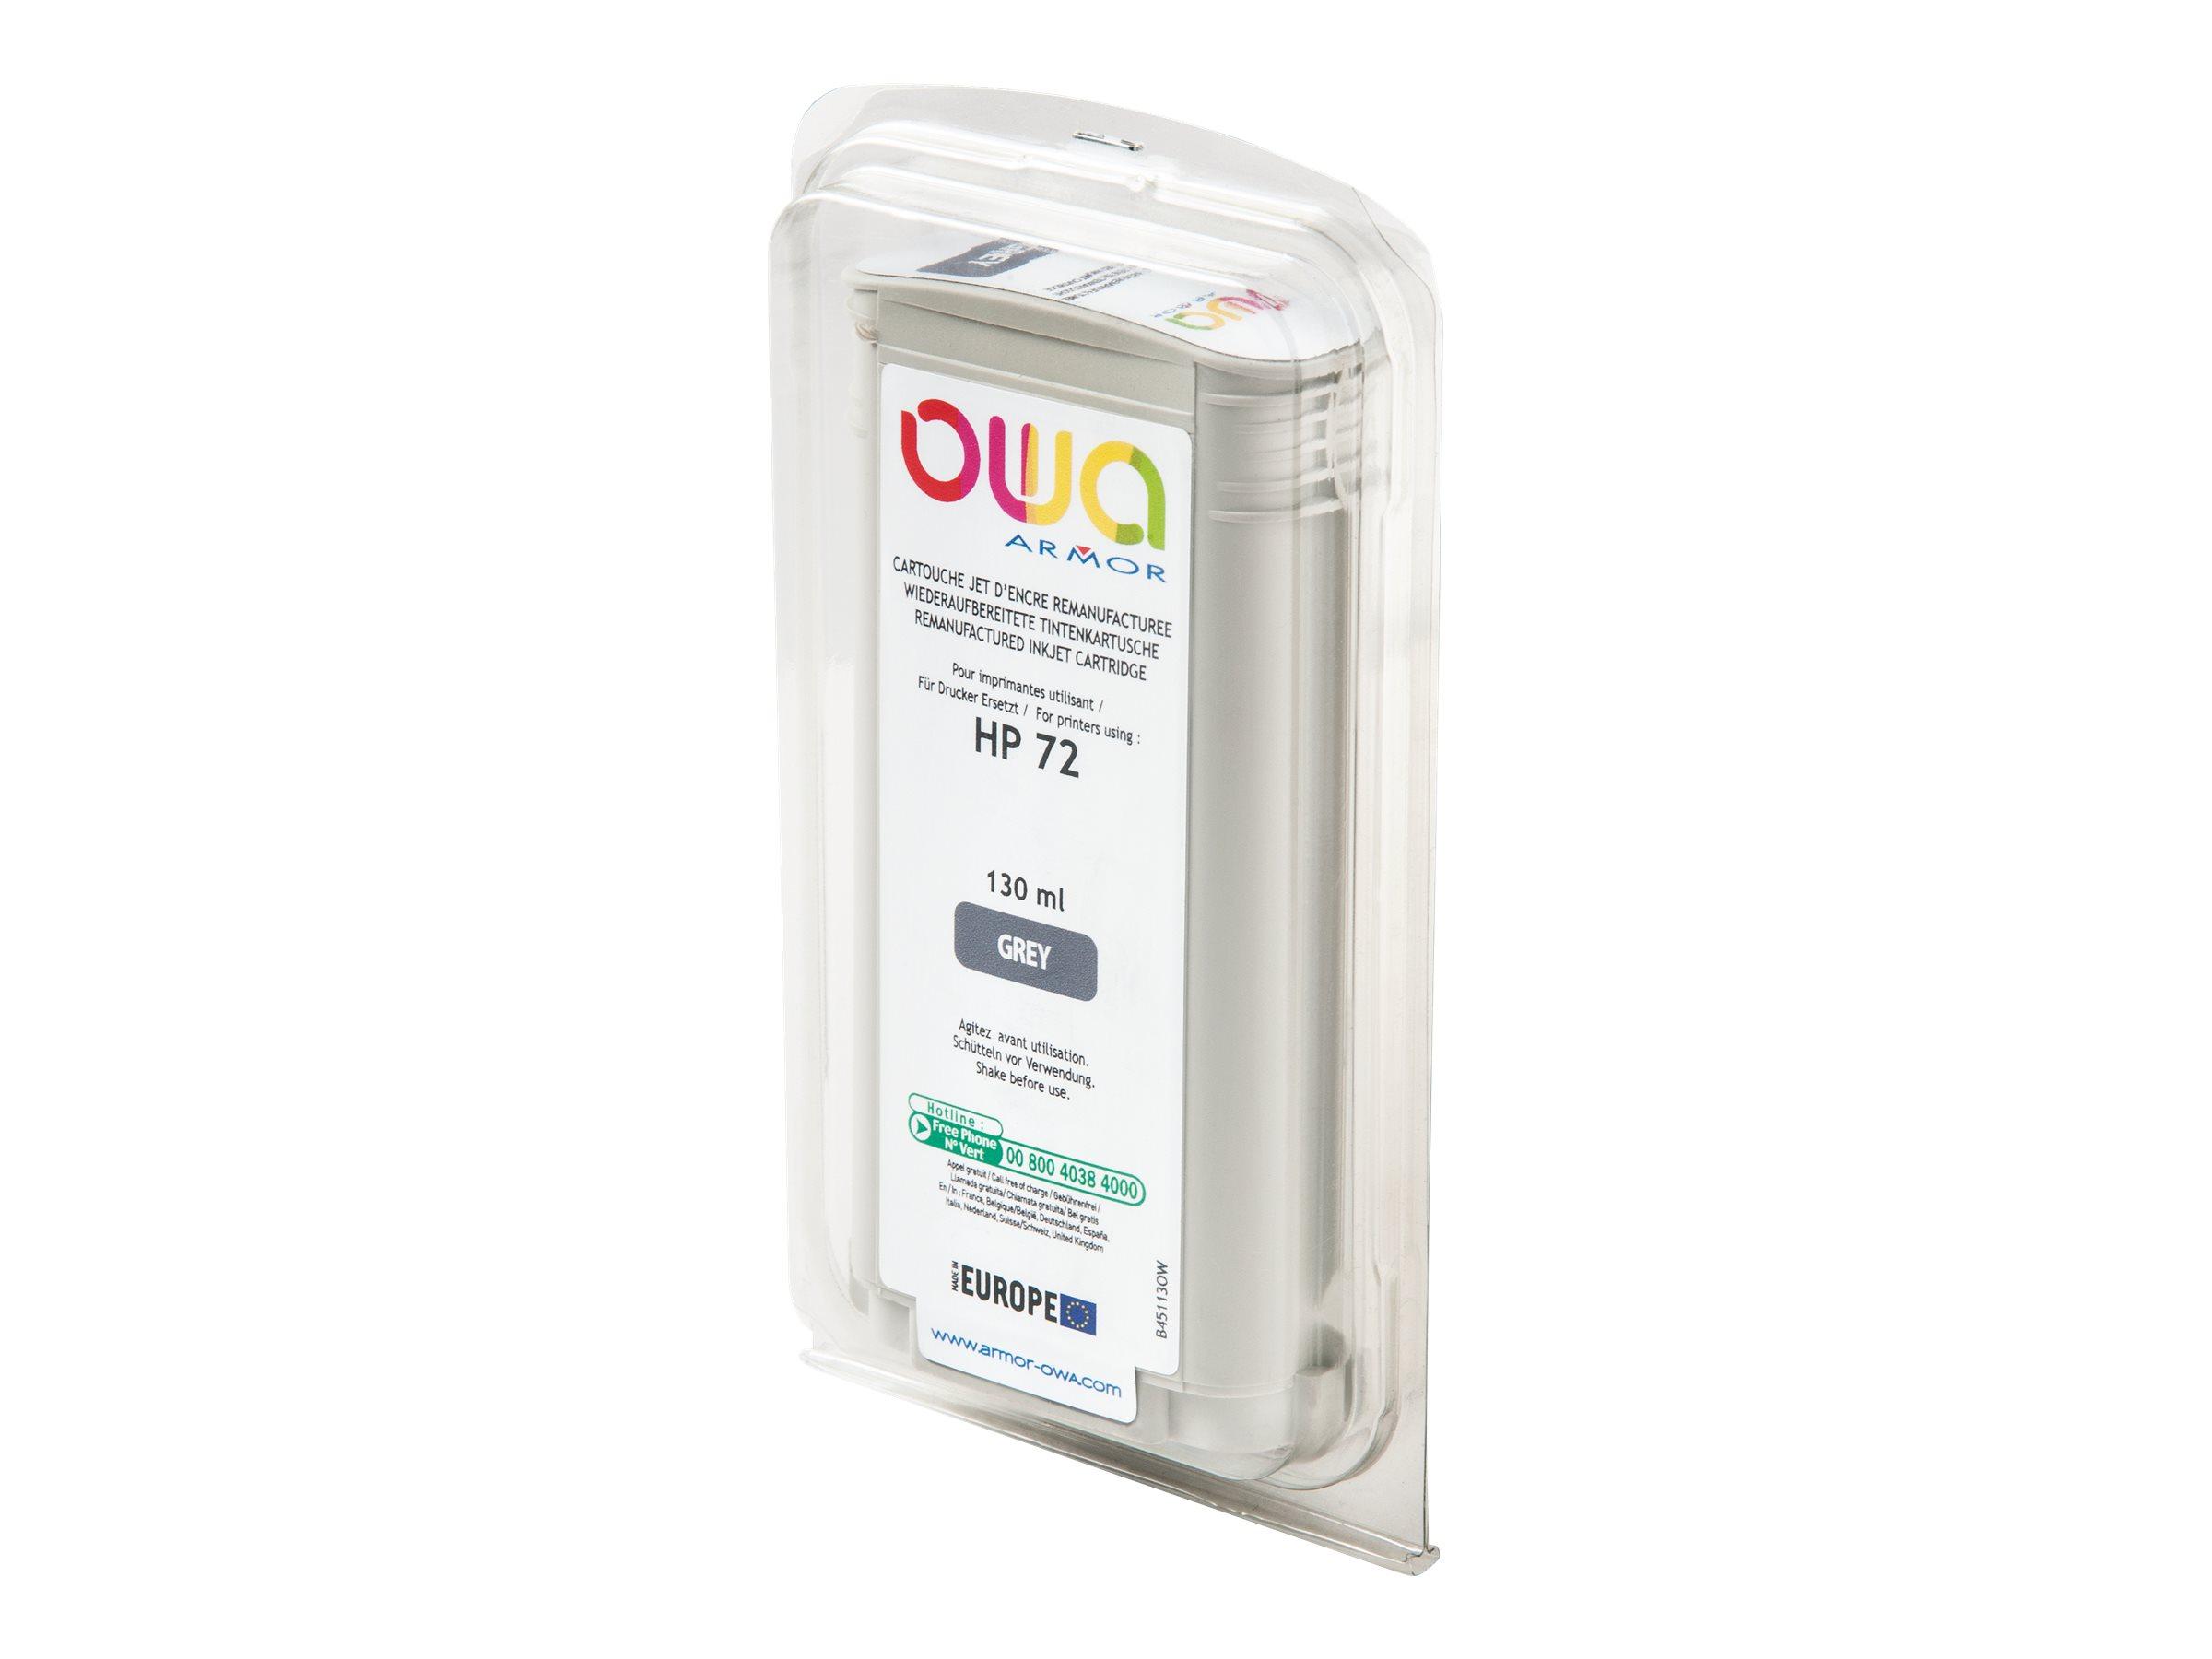 HP 72 - remanufacturé OWA B45113OW - gris - cartouche d'encre